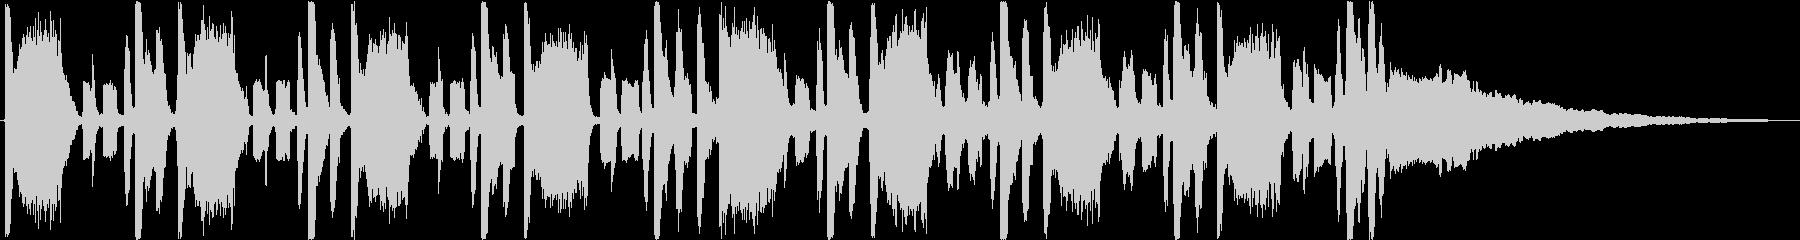 30秒】ダブステップ コミカル オシャレの未再生の波形